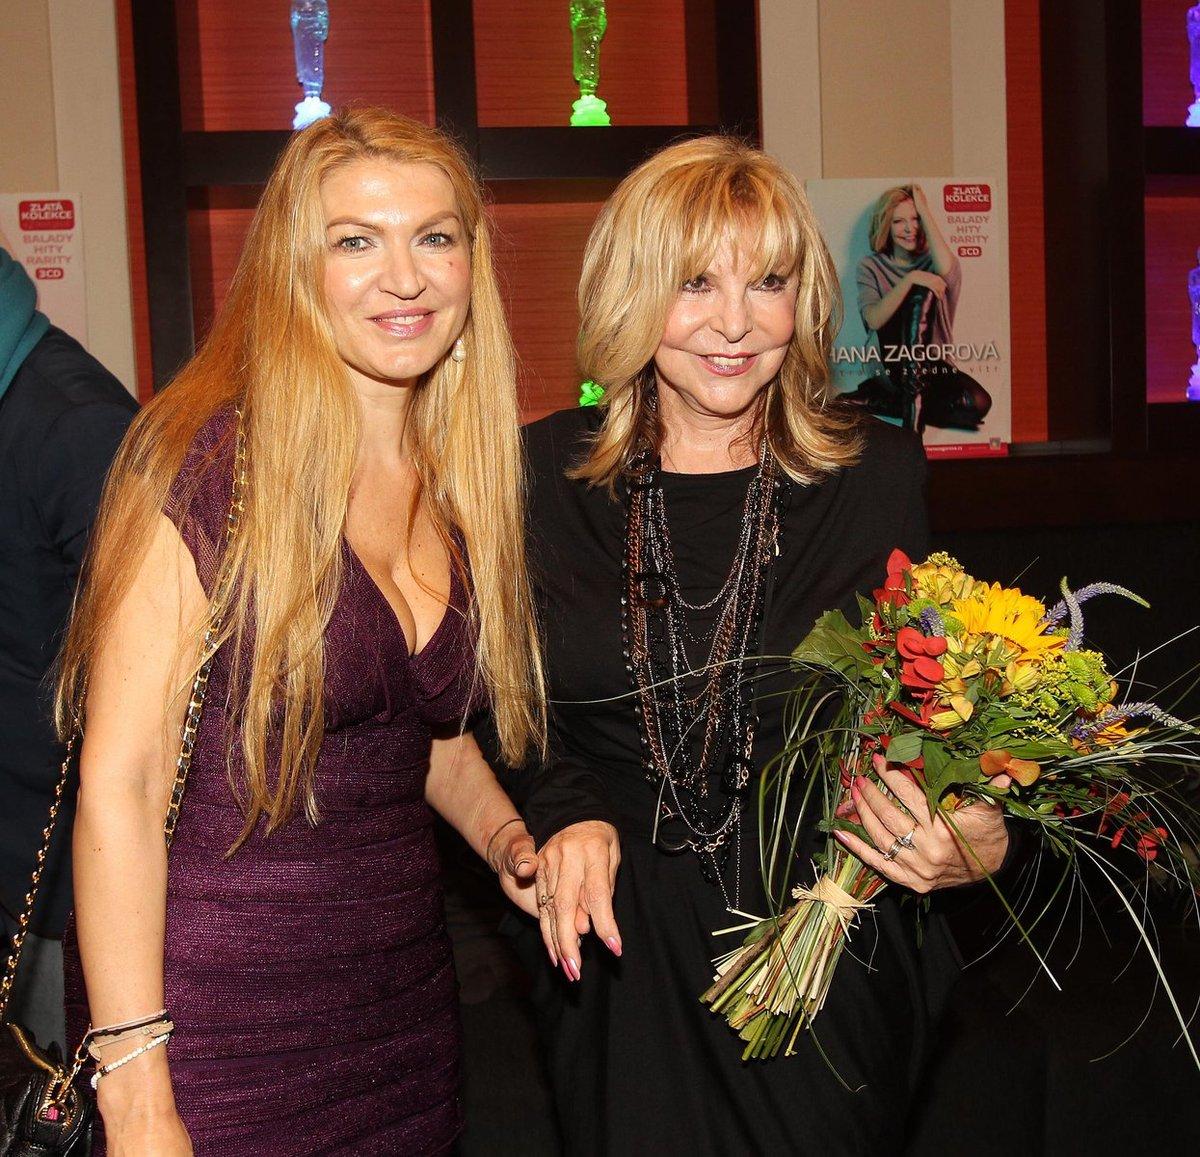 Na křest CD Hany Zagorové přišla i Martina Formanová.